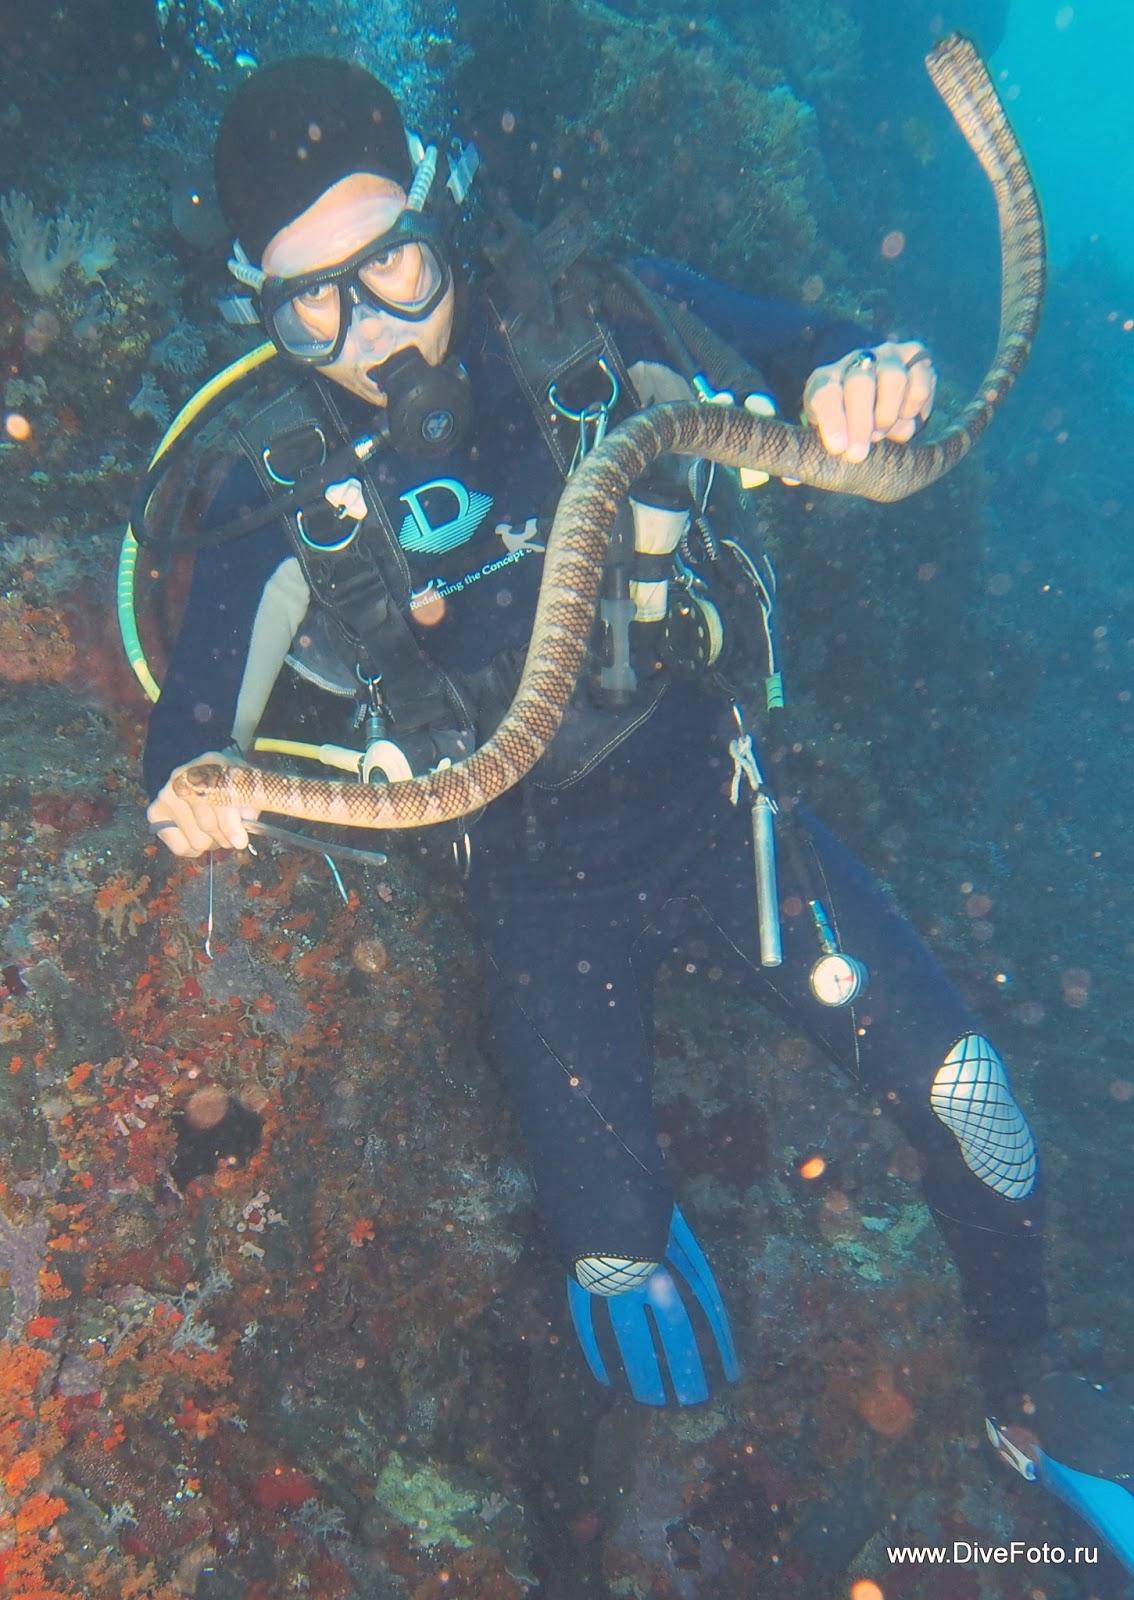 Гид с морской змей  фото